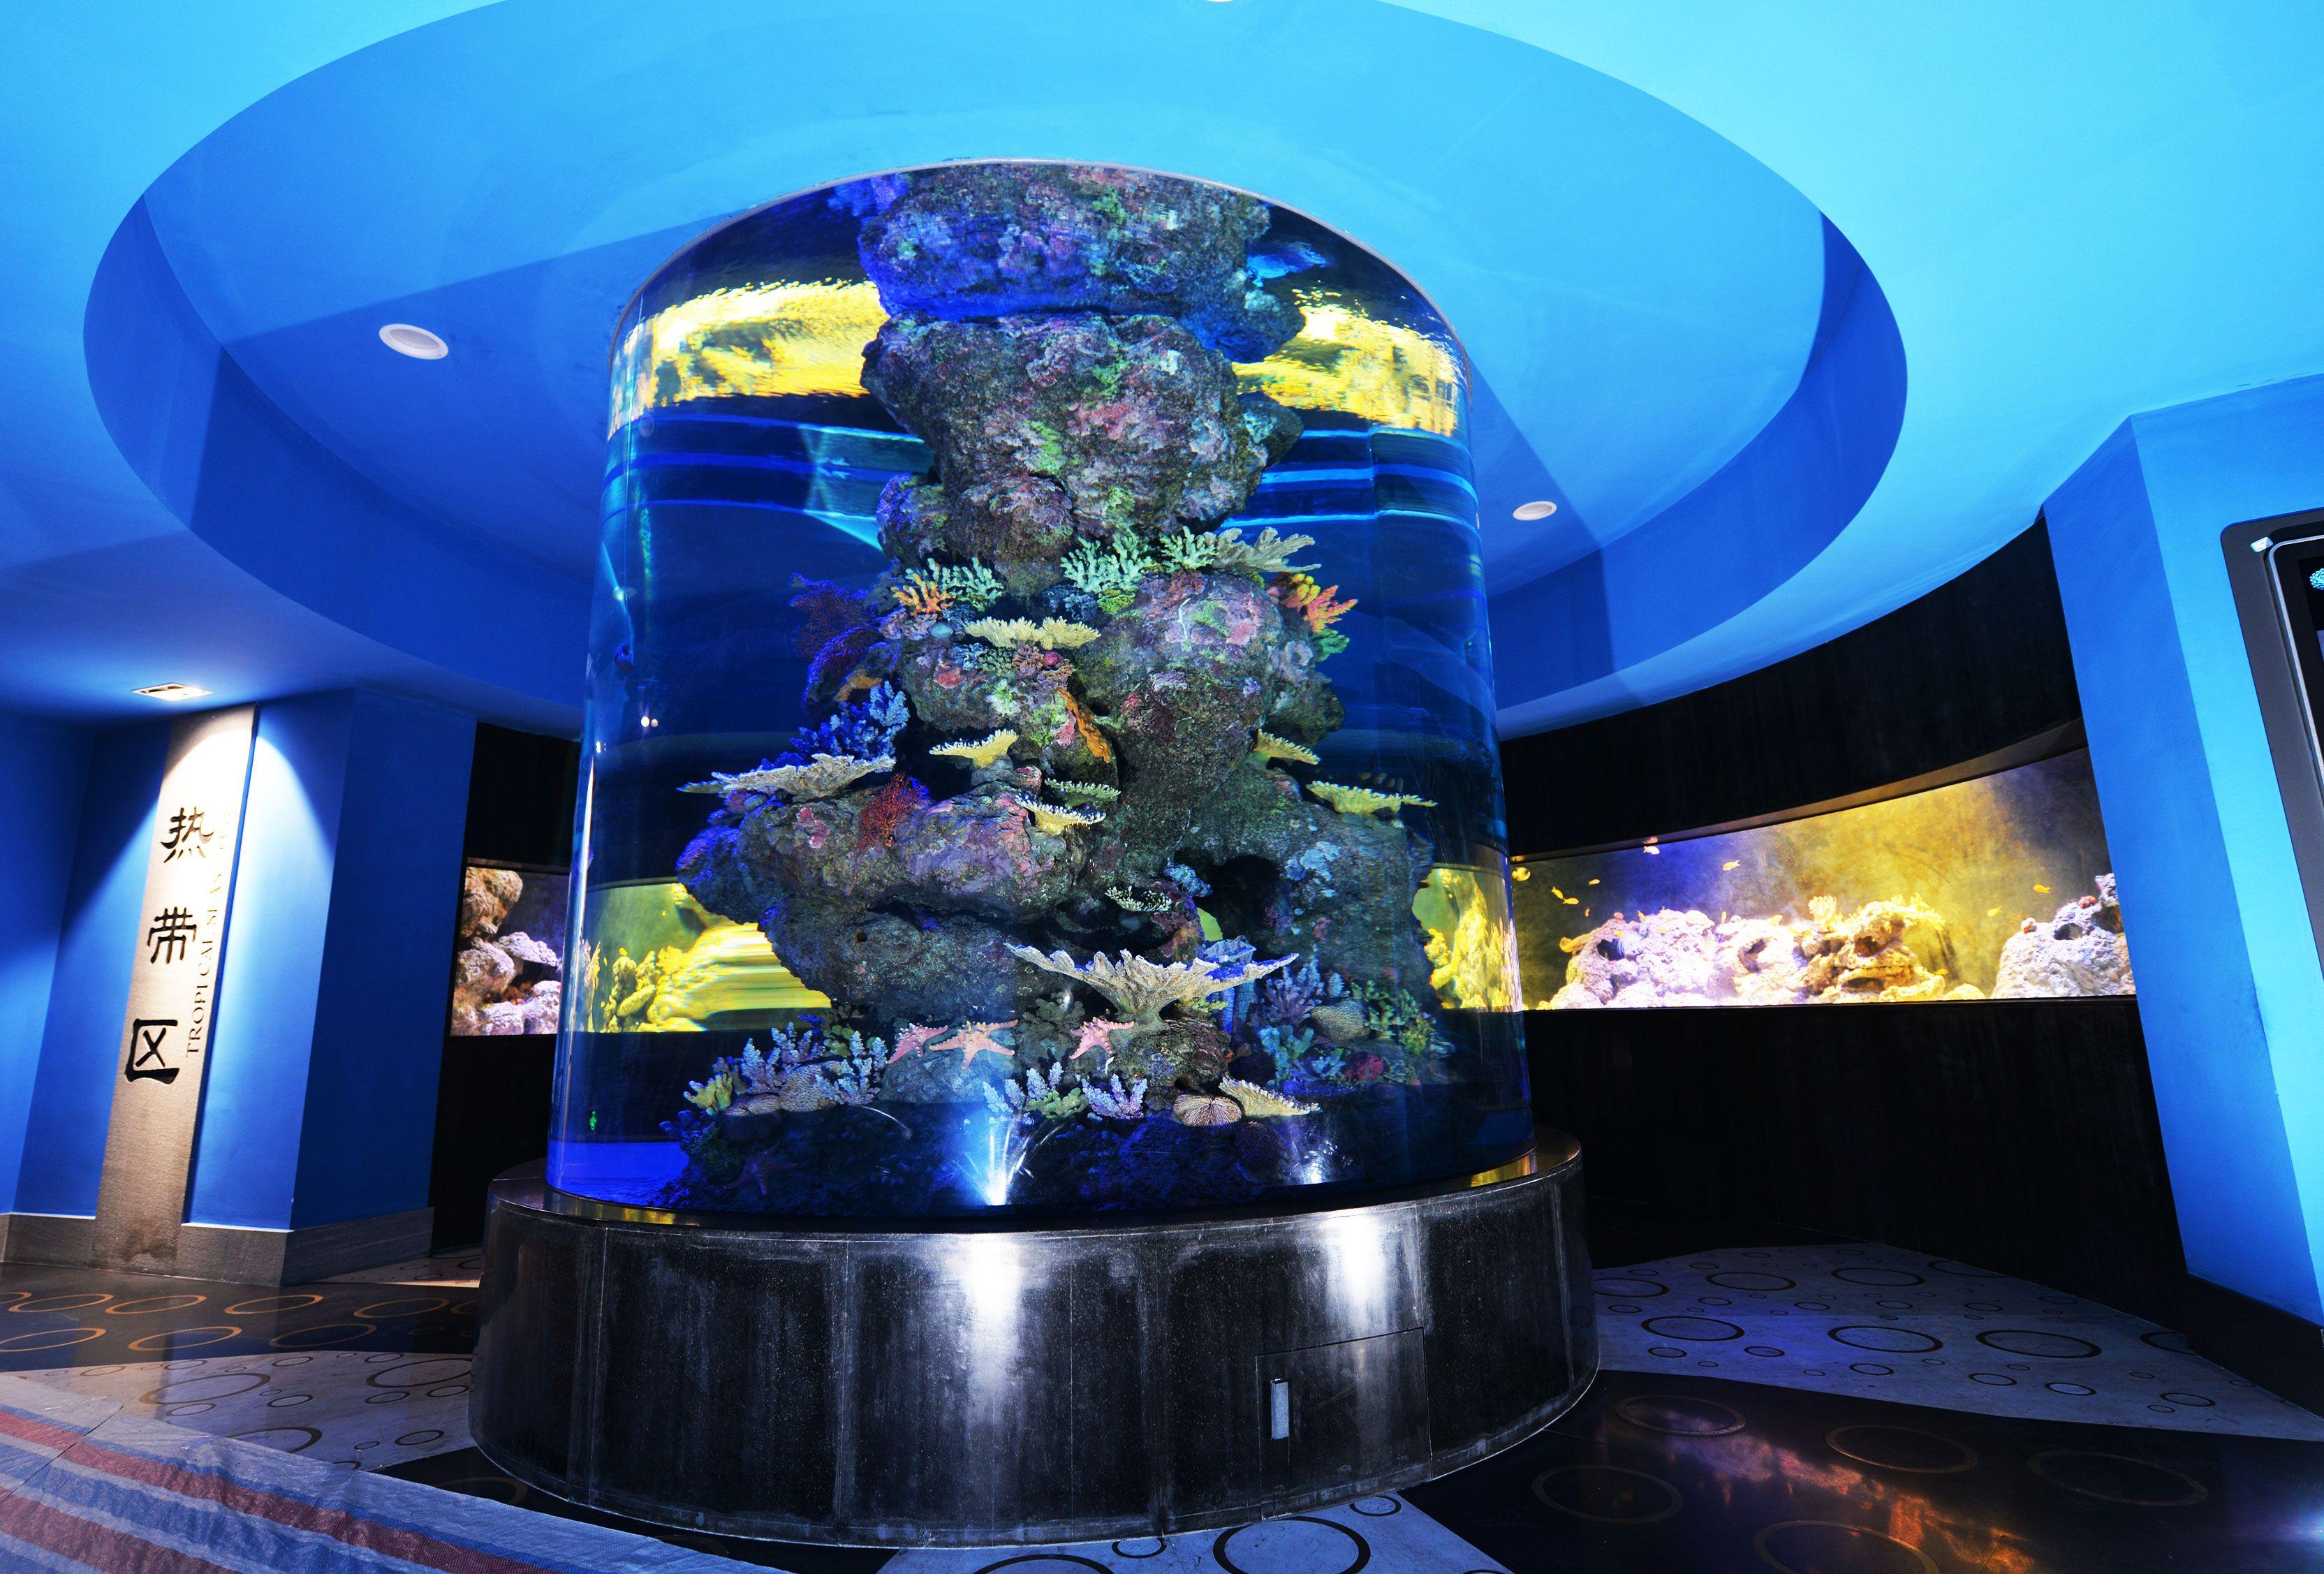 AAT Cylinder Aquarium Exhibit in the Cube Oceanarium